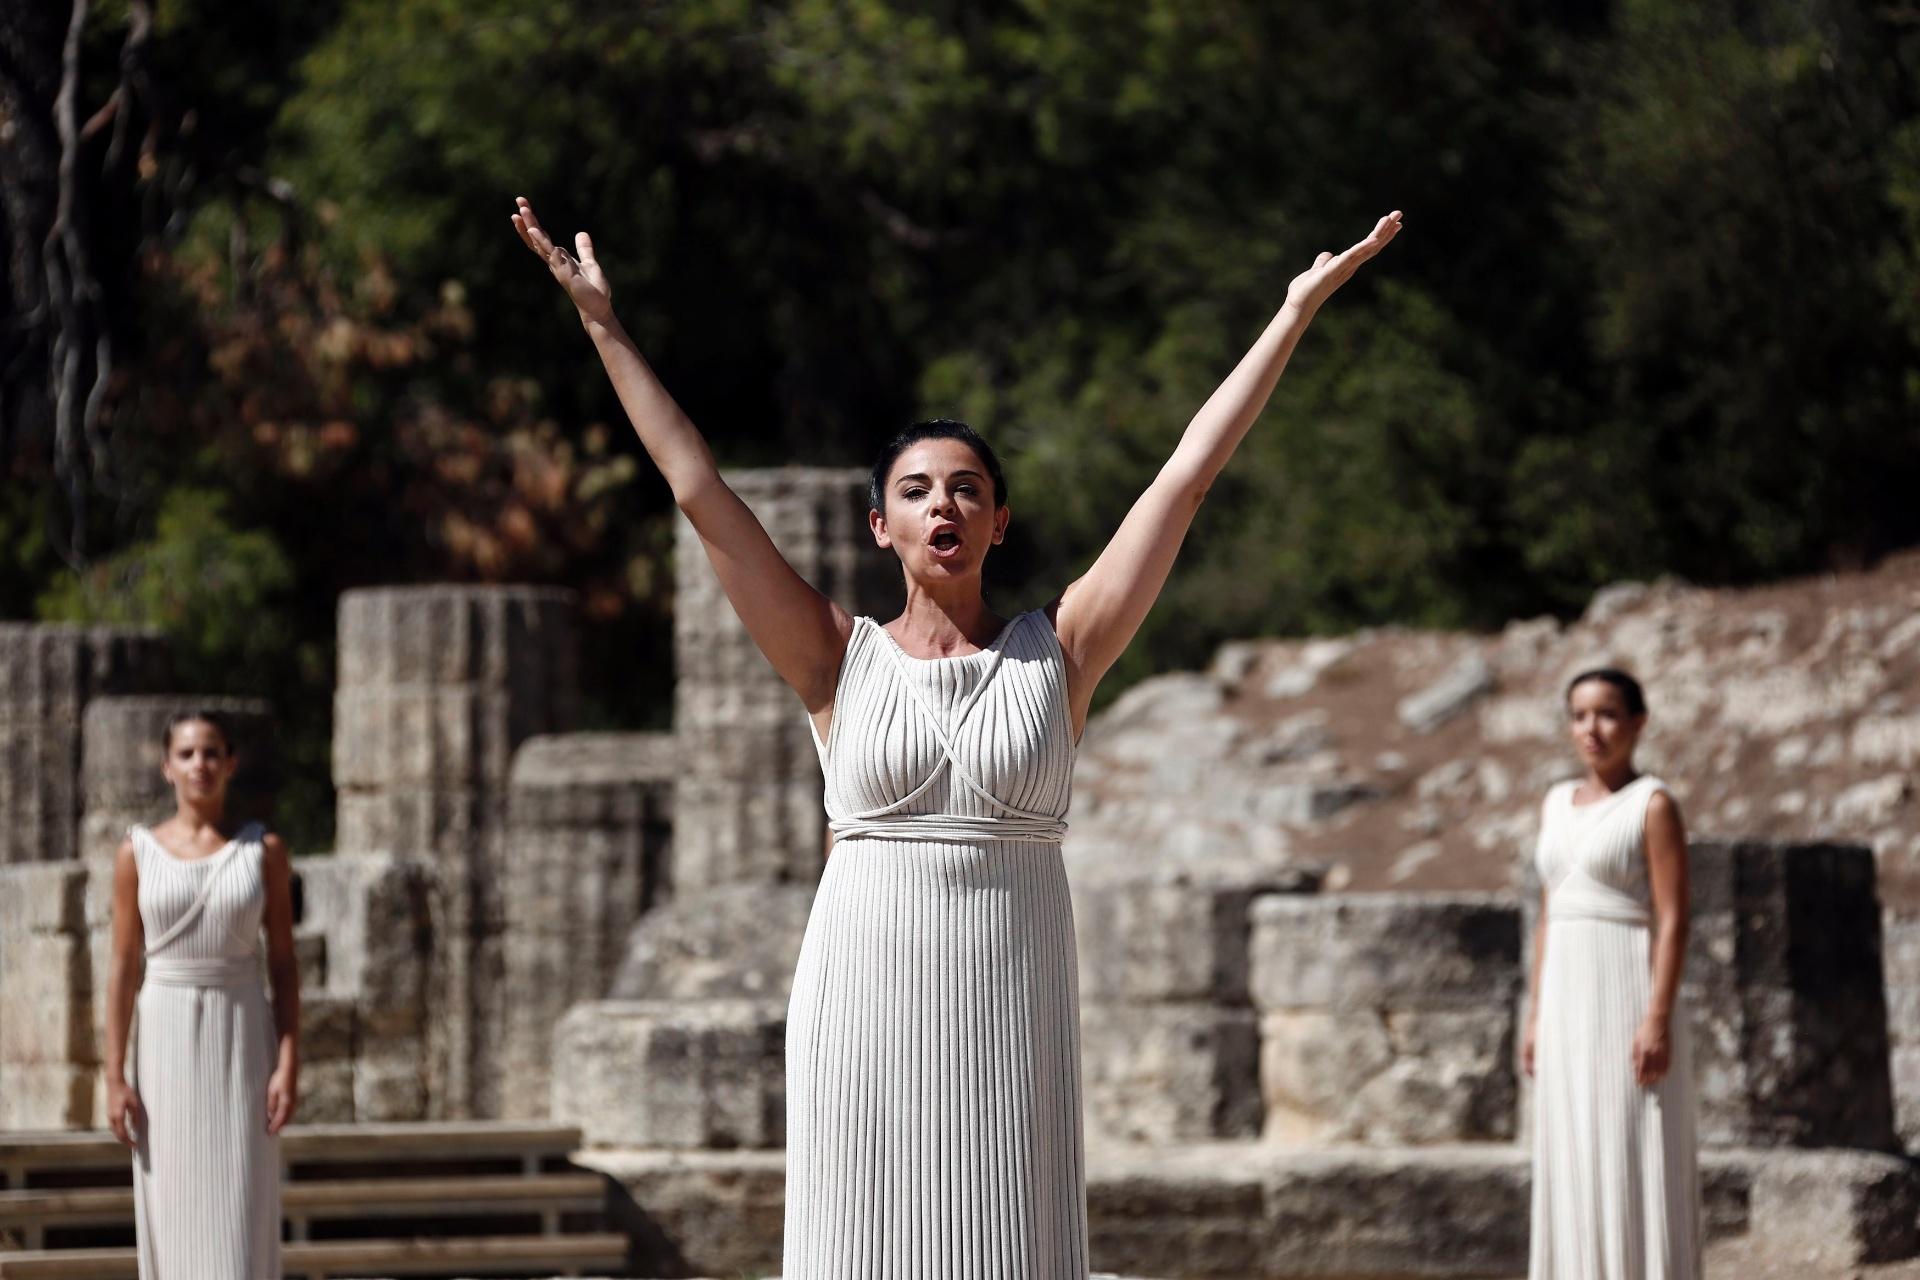 29.set.2013 - A alta sacerdotisa levanta os braços em oração no local da antiga Olímpia, na Grécia